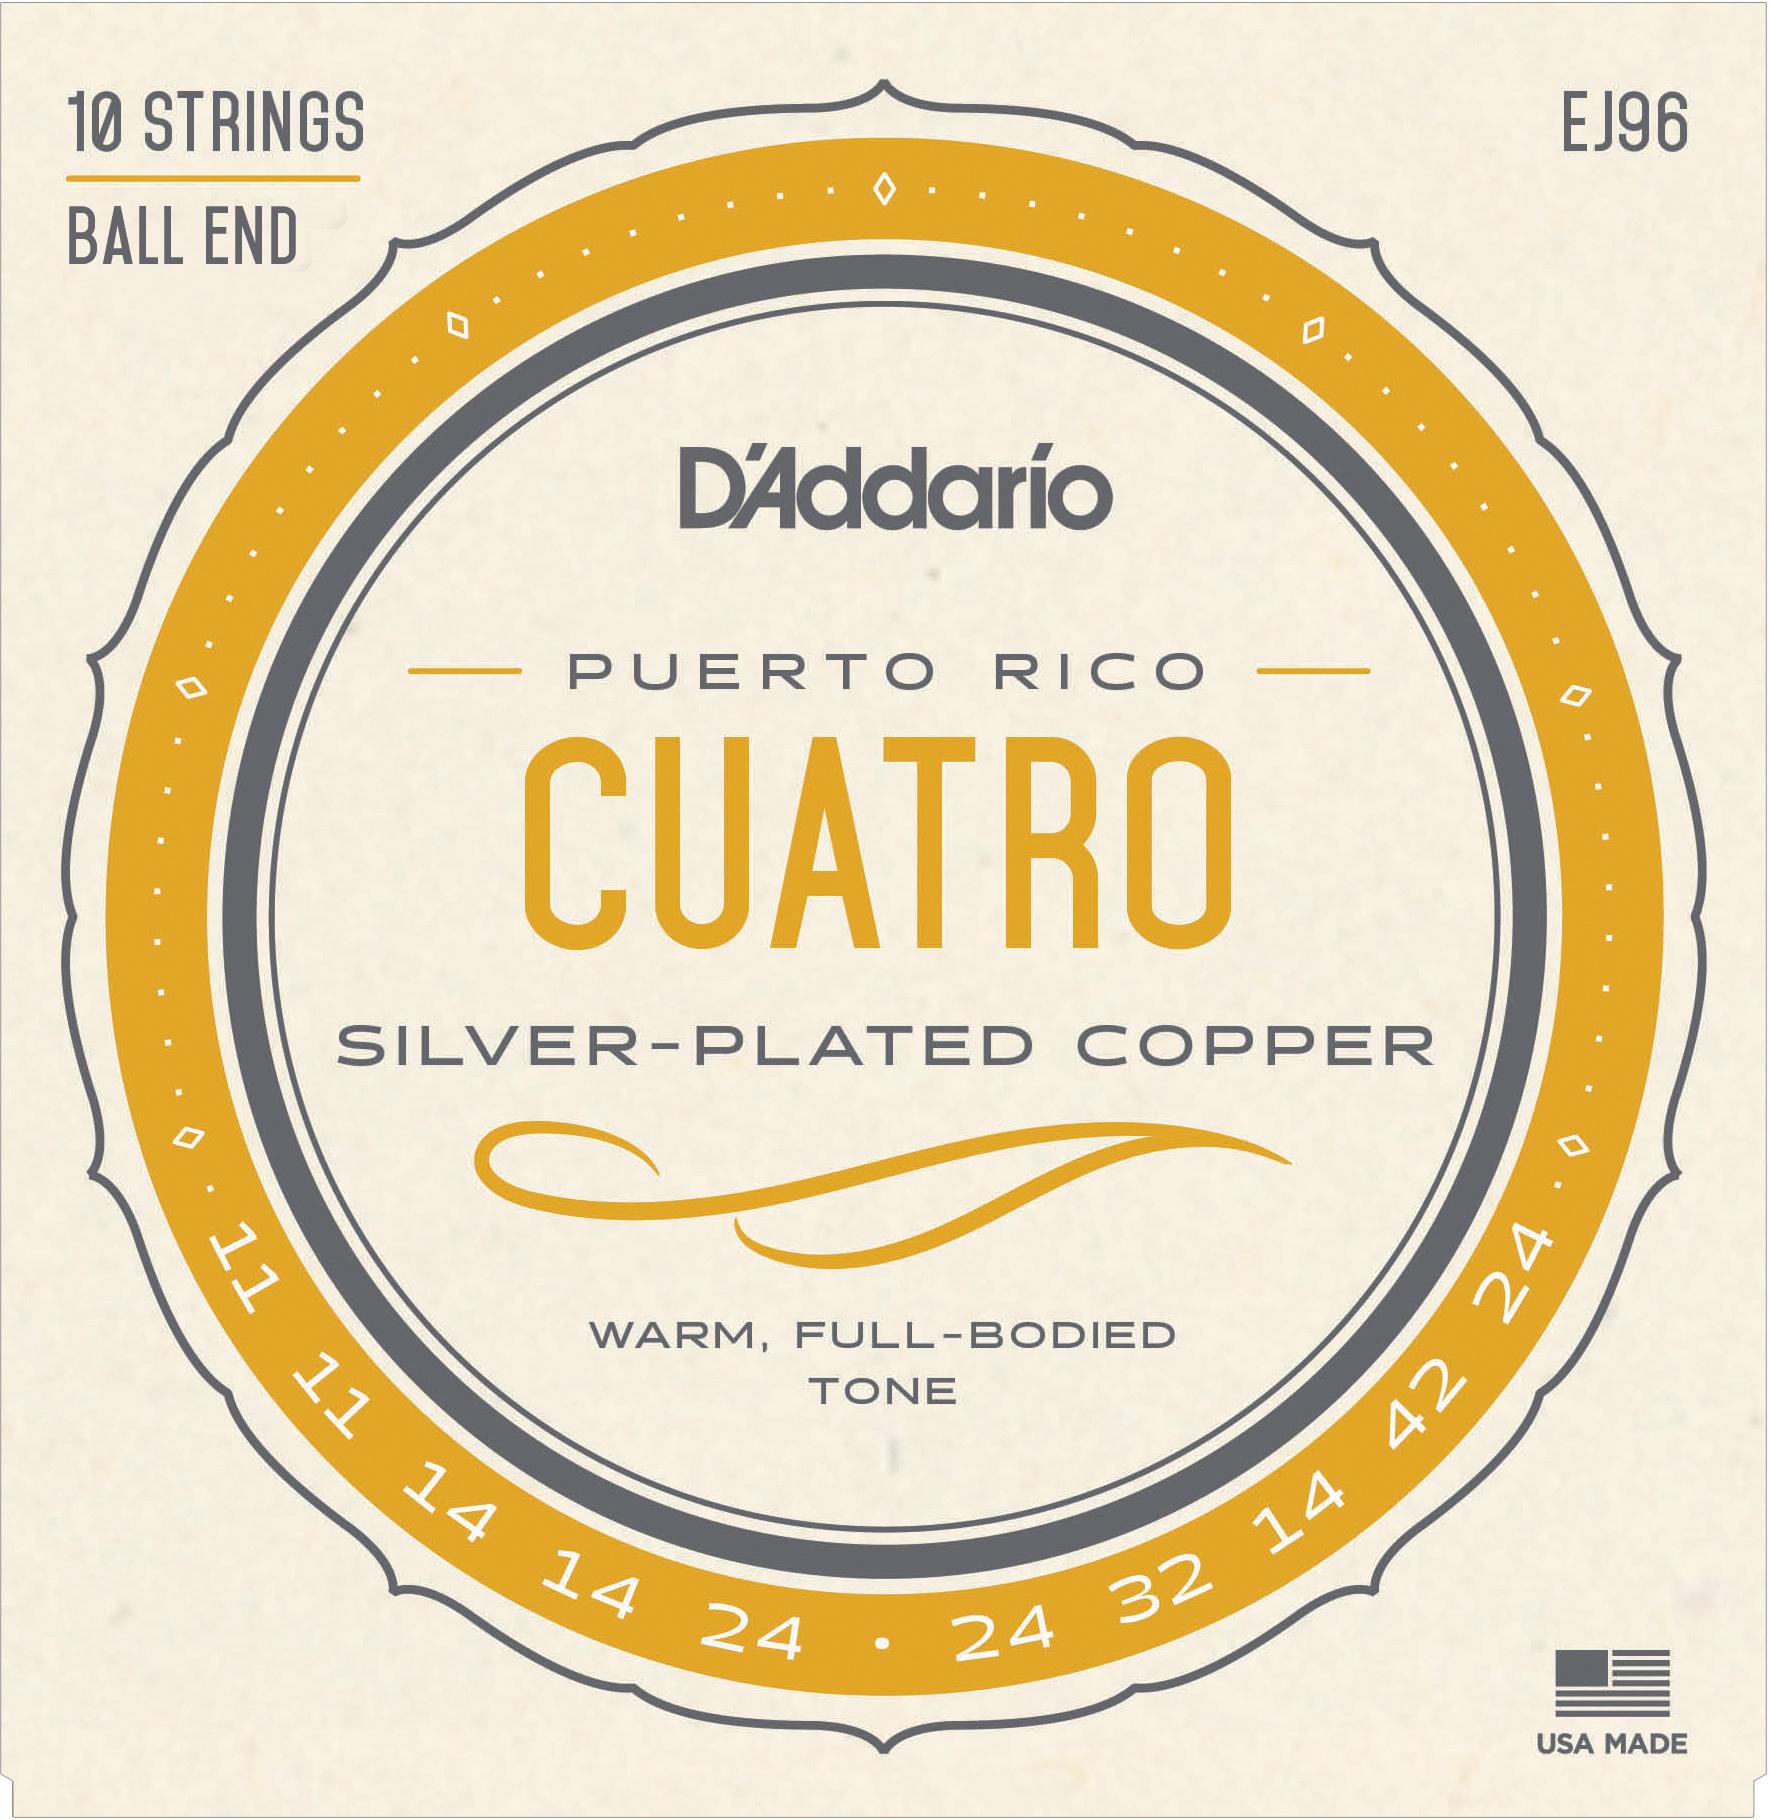 D'Addario Silver Plated Copper EJ96 Cuatro-Puerto Rico Strings